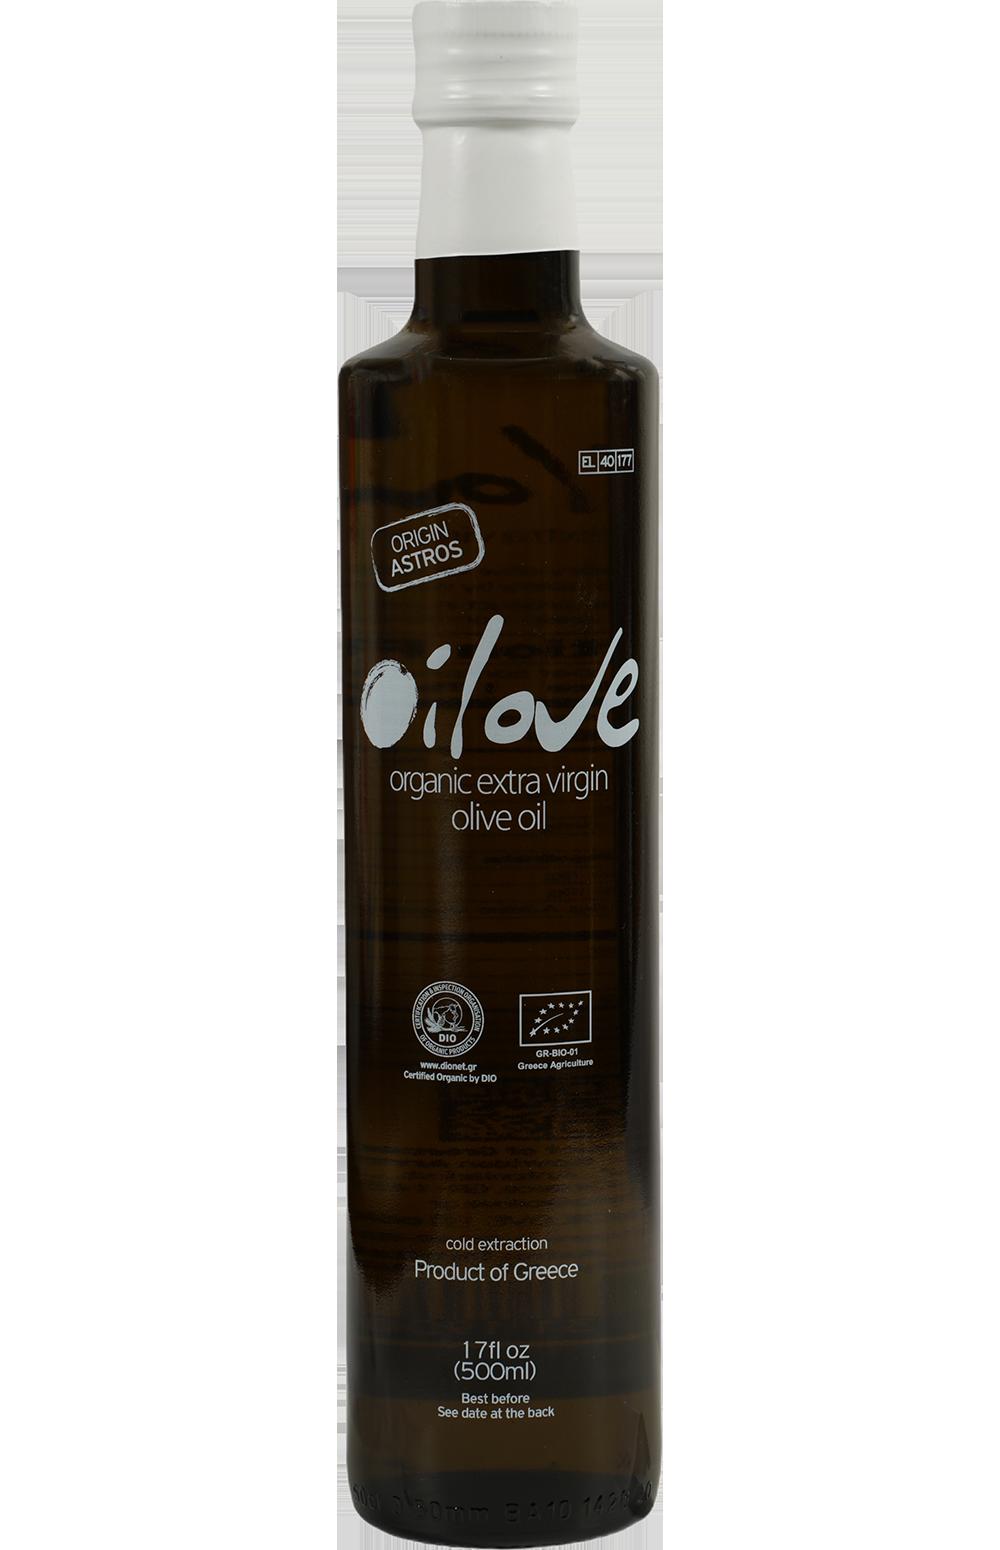 Oilove